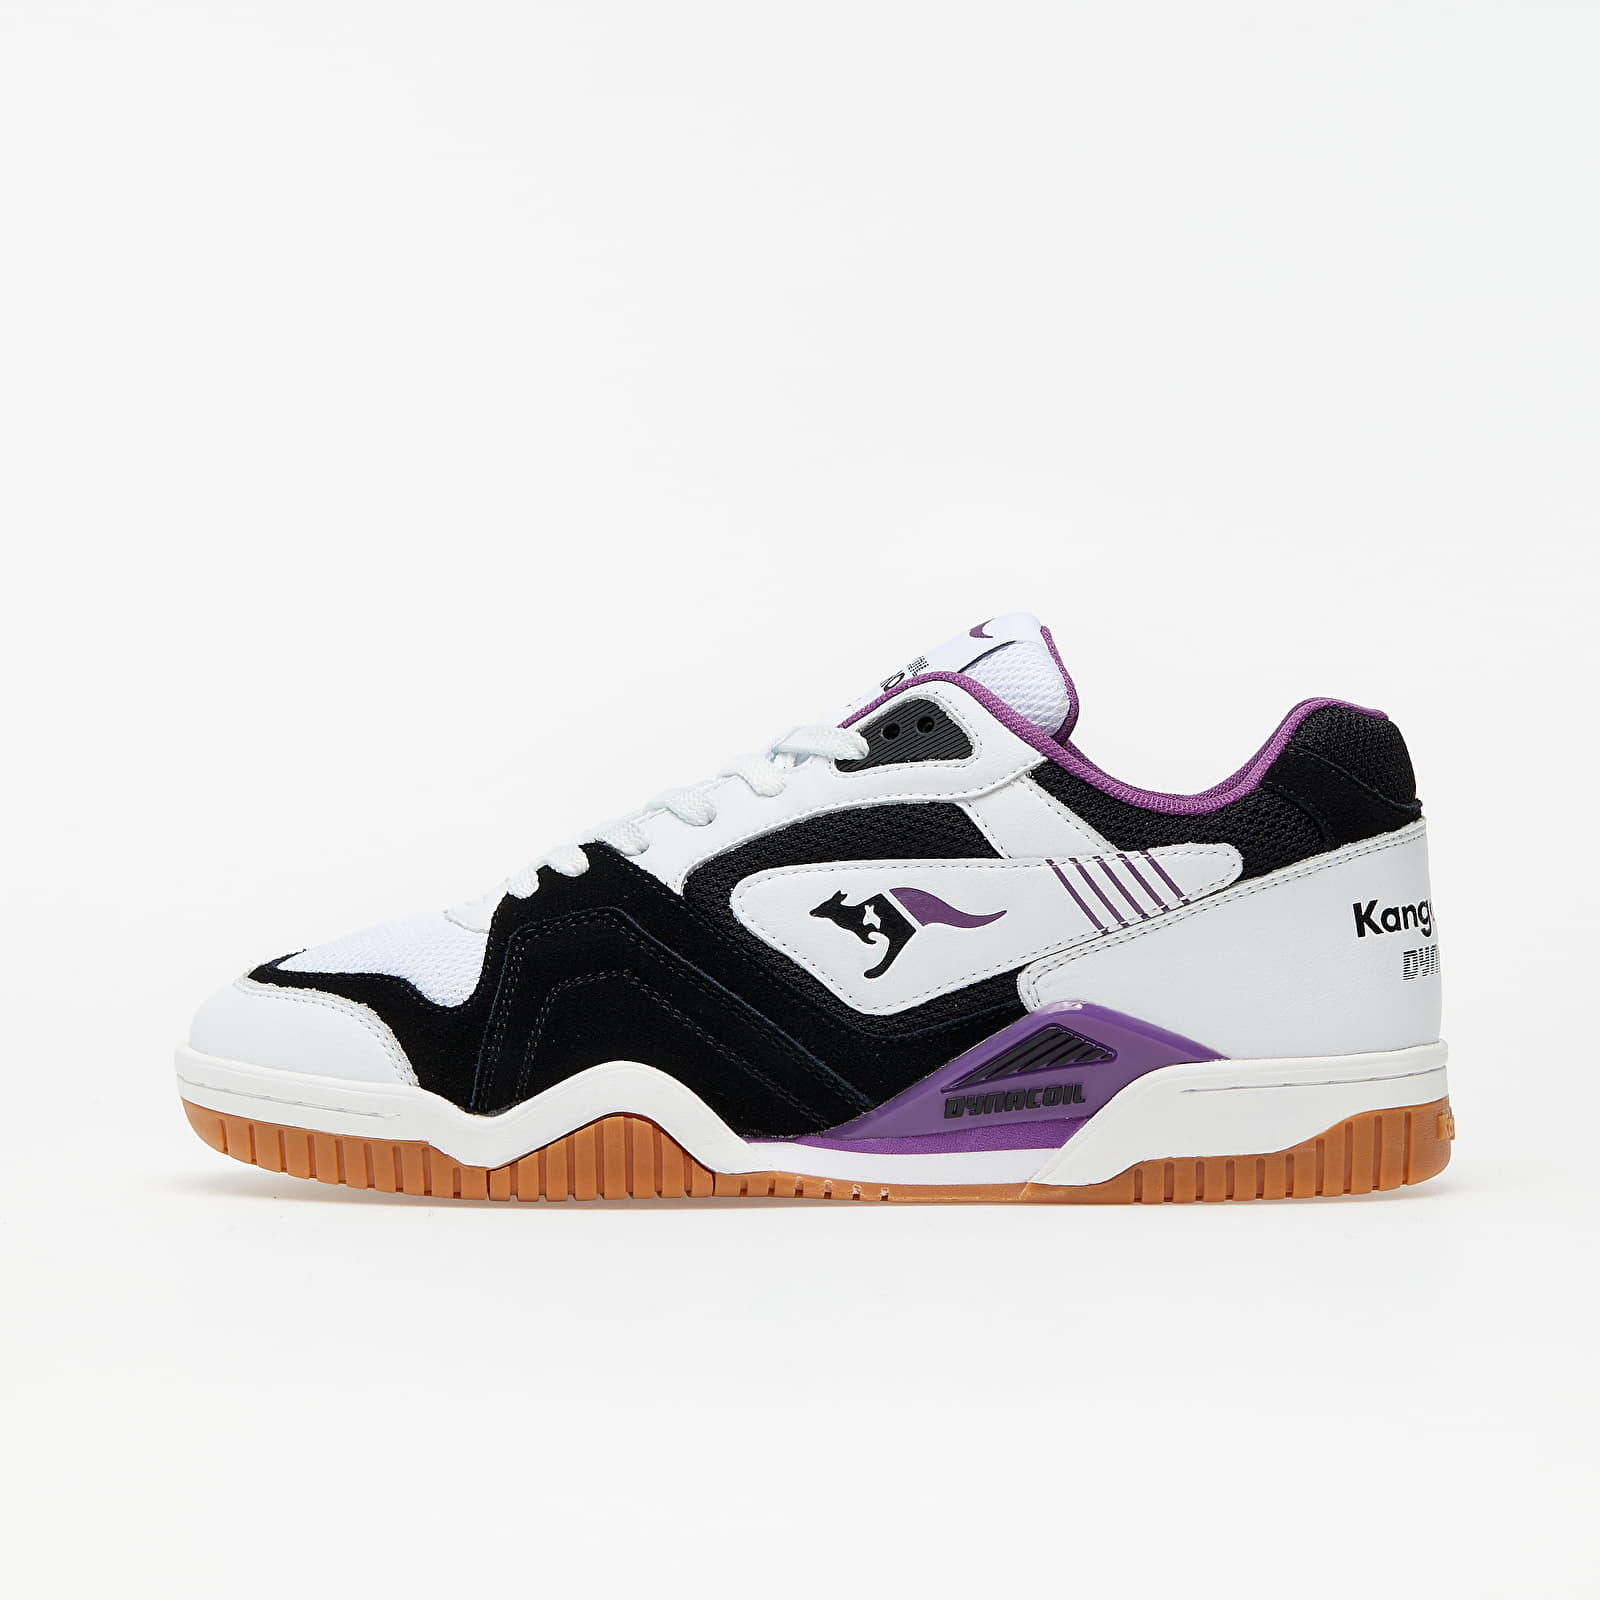 KangaROOS Ultralite 2 White/ Purple 472650000078